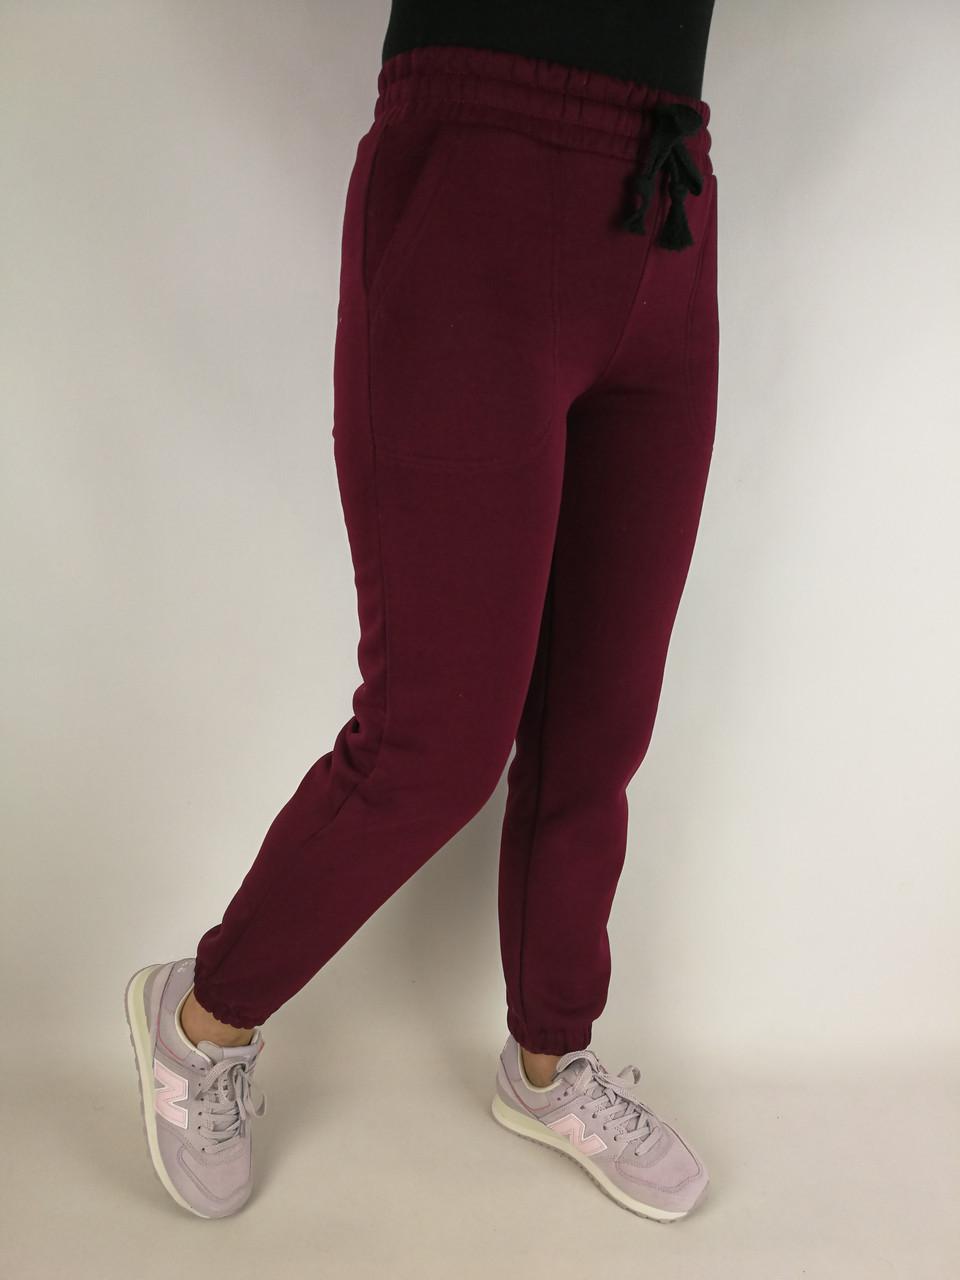 Зимові жіночі штани фліс